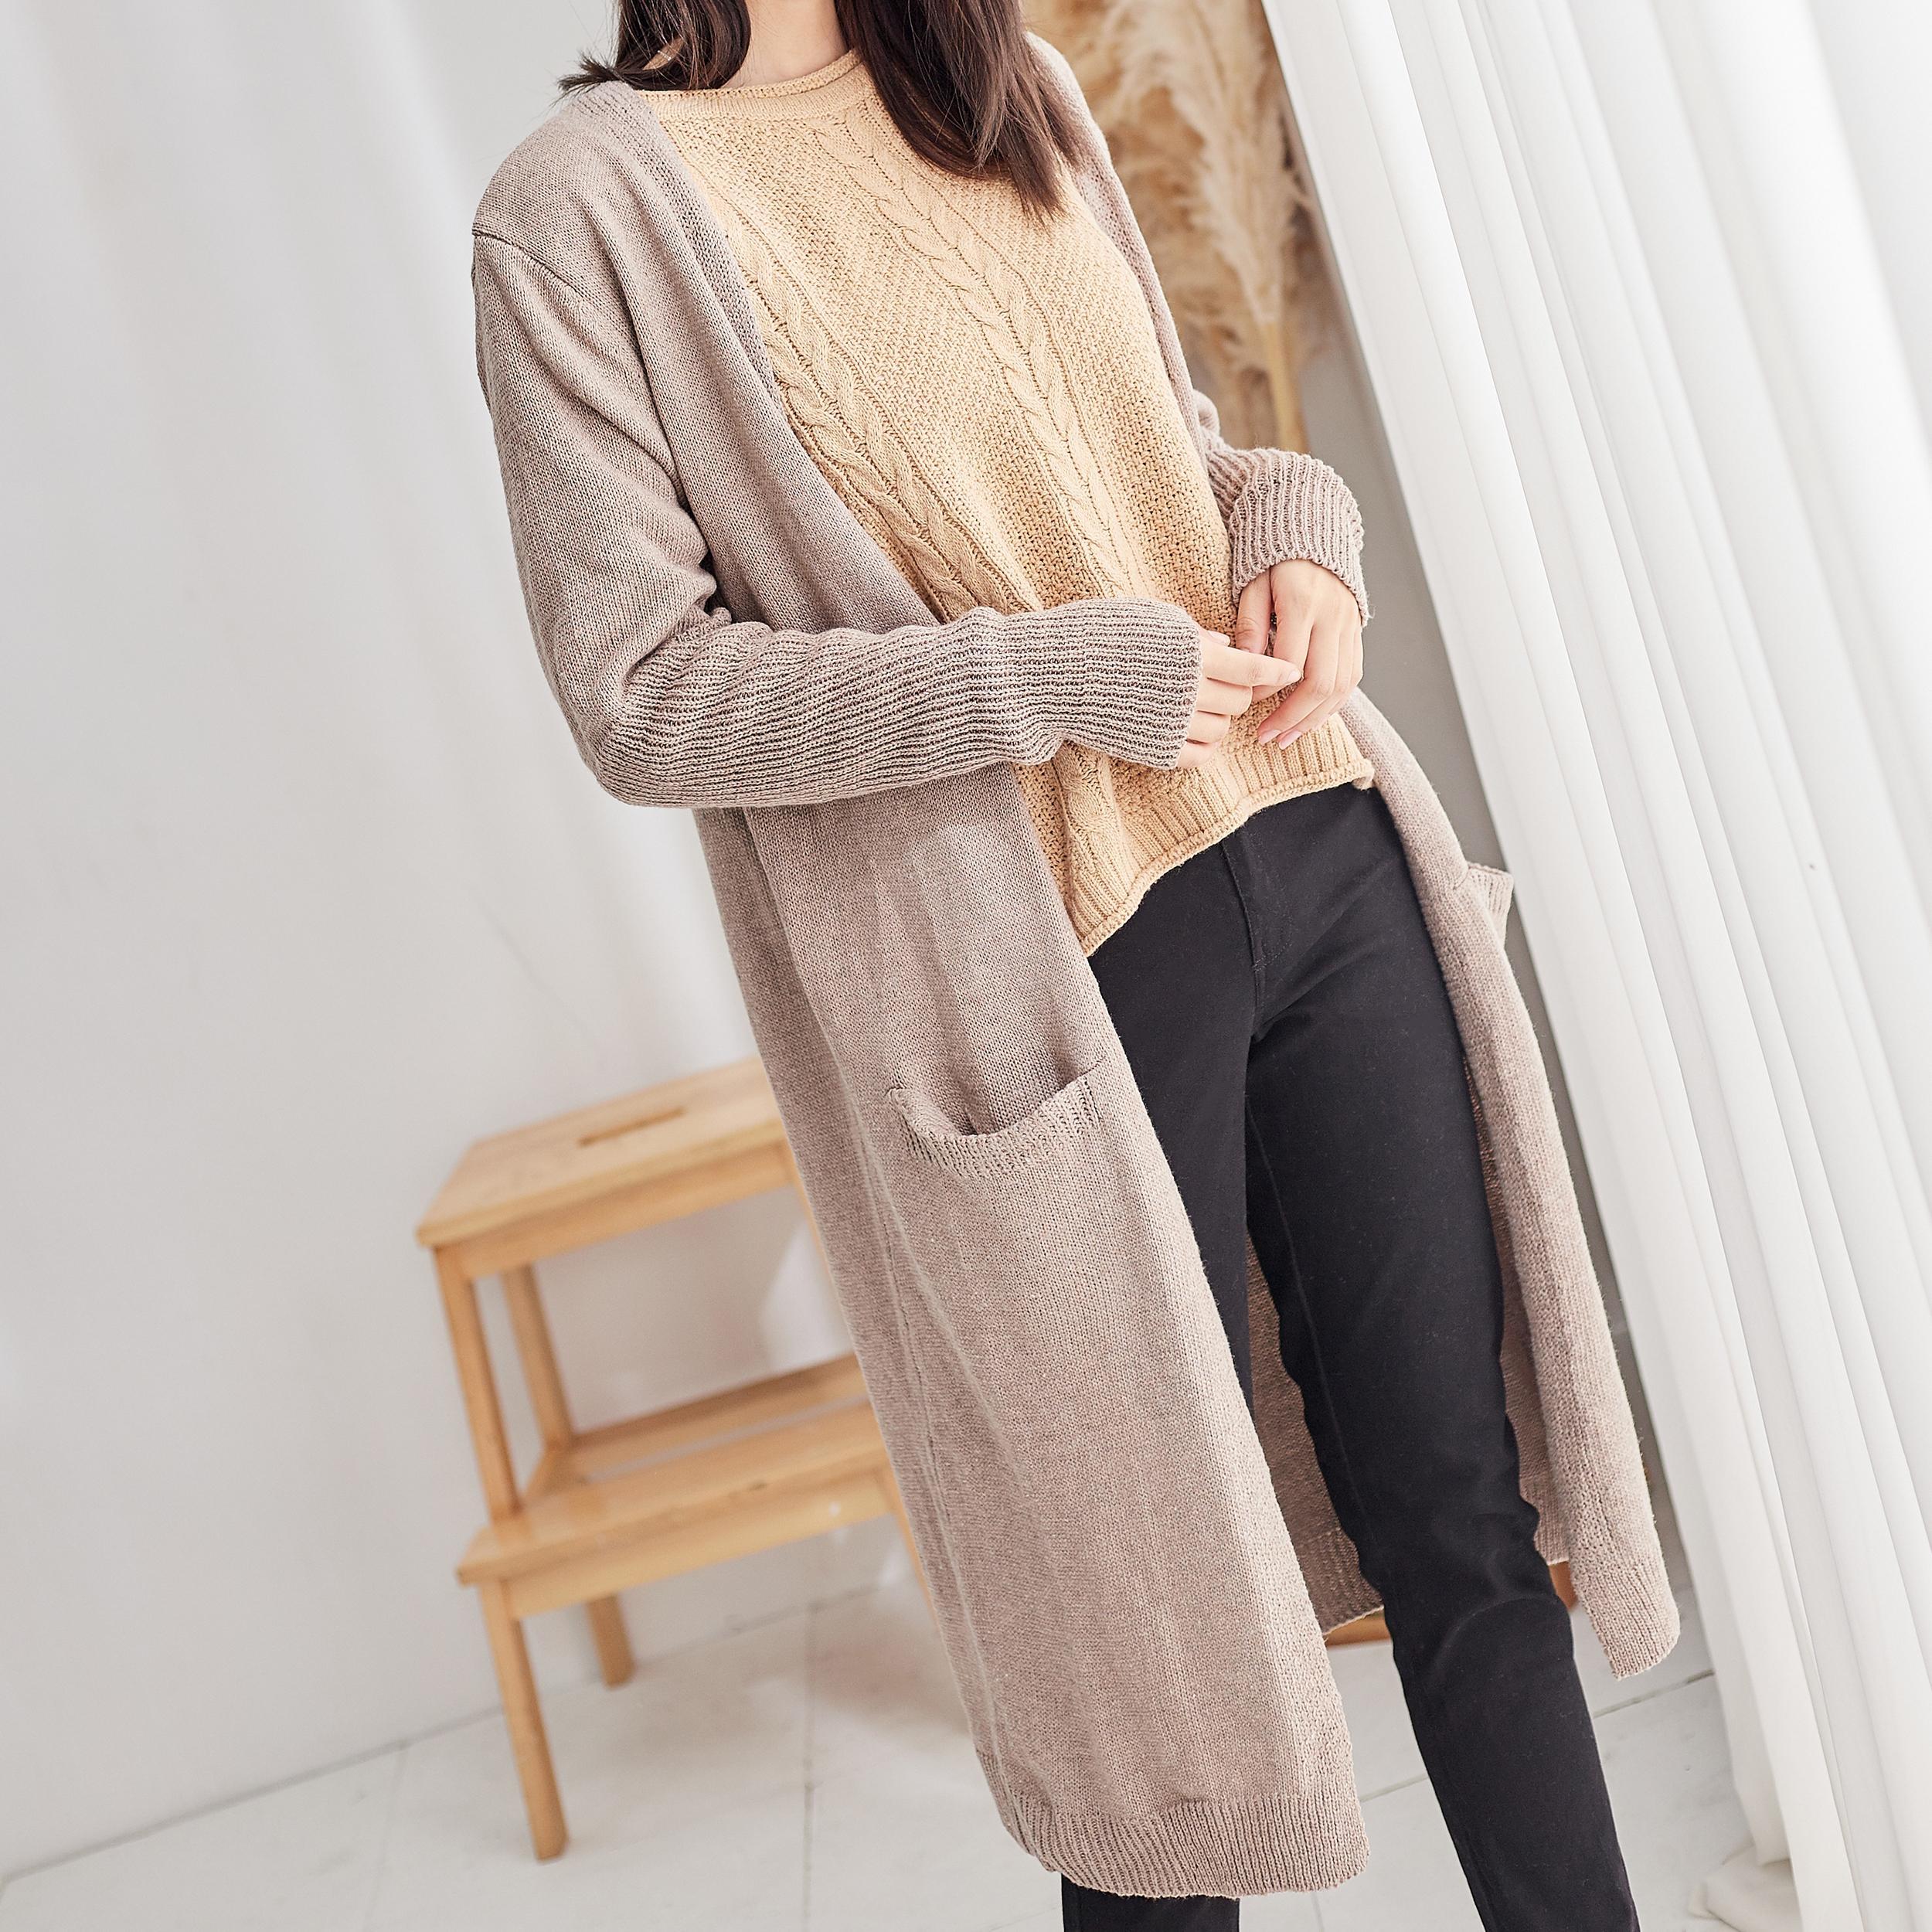 唯美自信針織開襟外套,JEANSWE,百搭,時尚,秋冬,針織